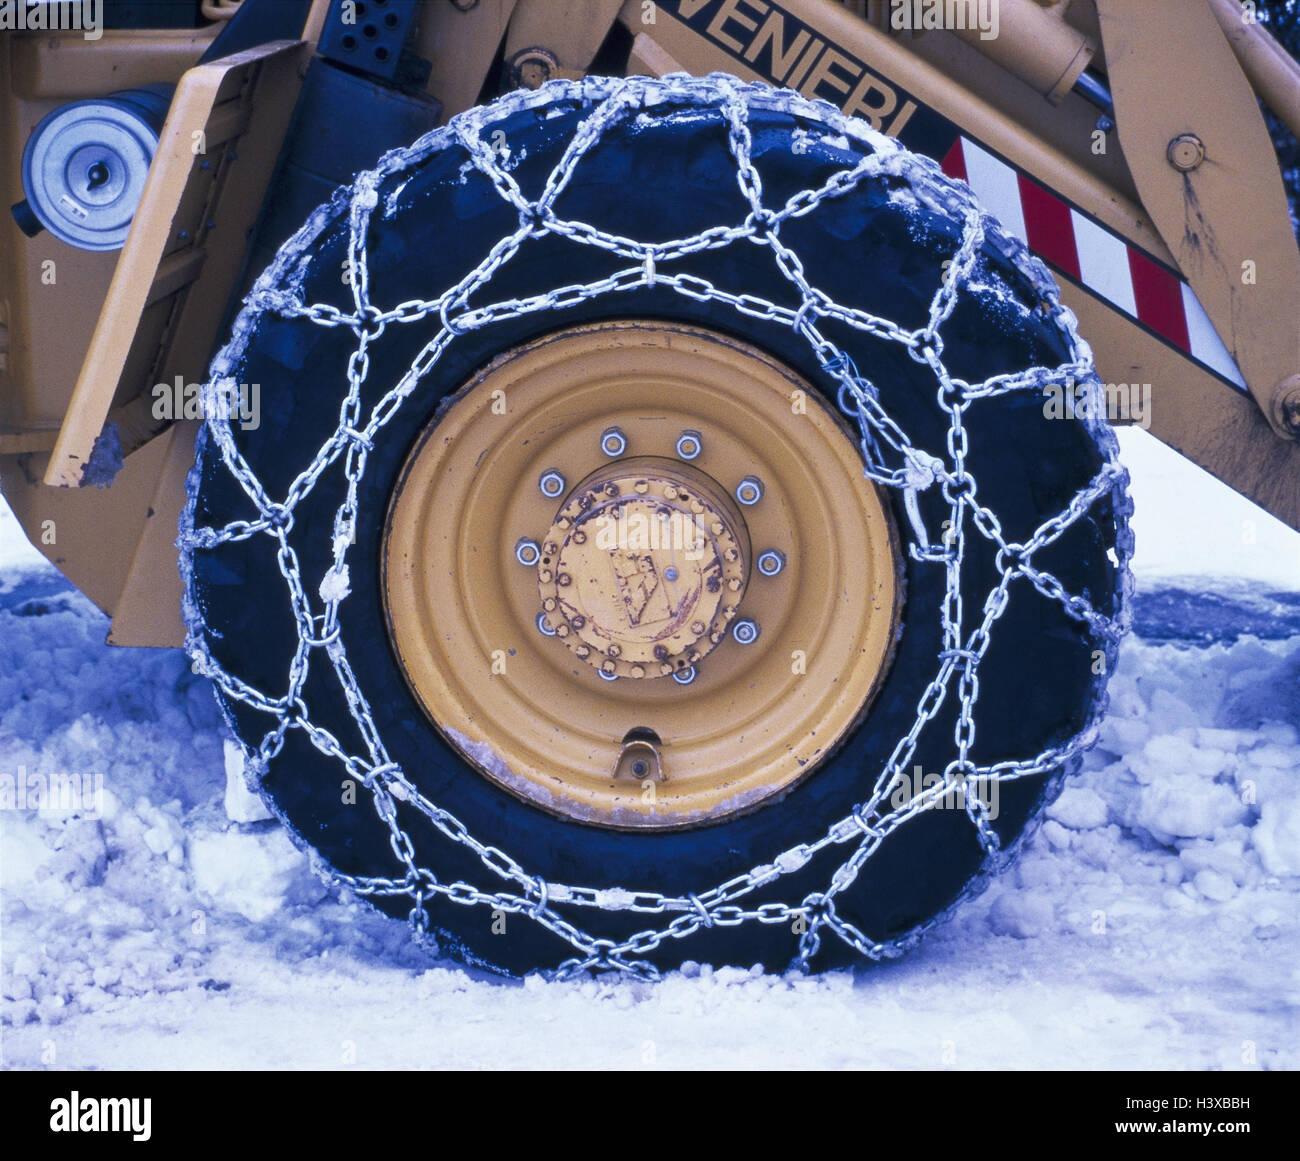 Räumfahrzeug, Detail, Reifen, Anti-Rutsch-Ketten, Schnee, Winter, wheeled Loader, Winterdienst, Fahrzeug, zu Stockbild